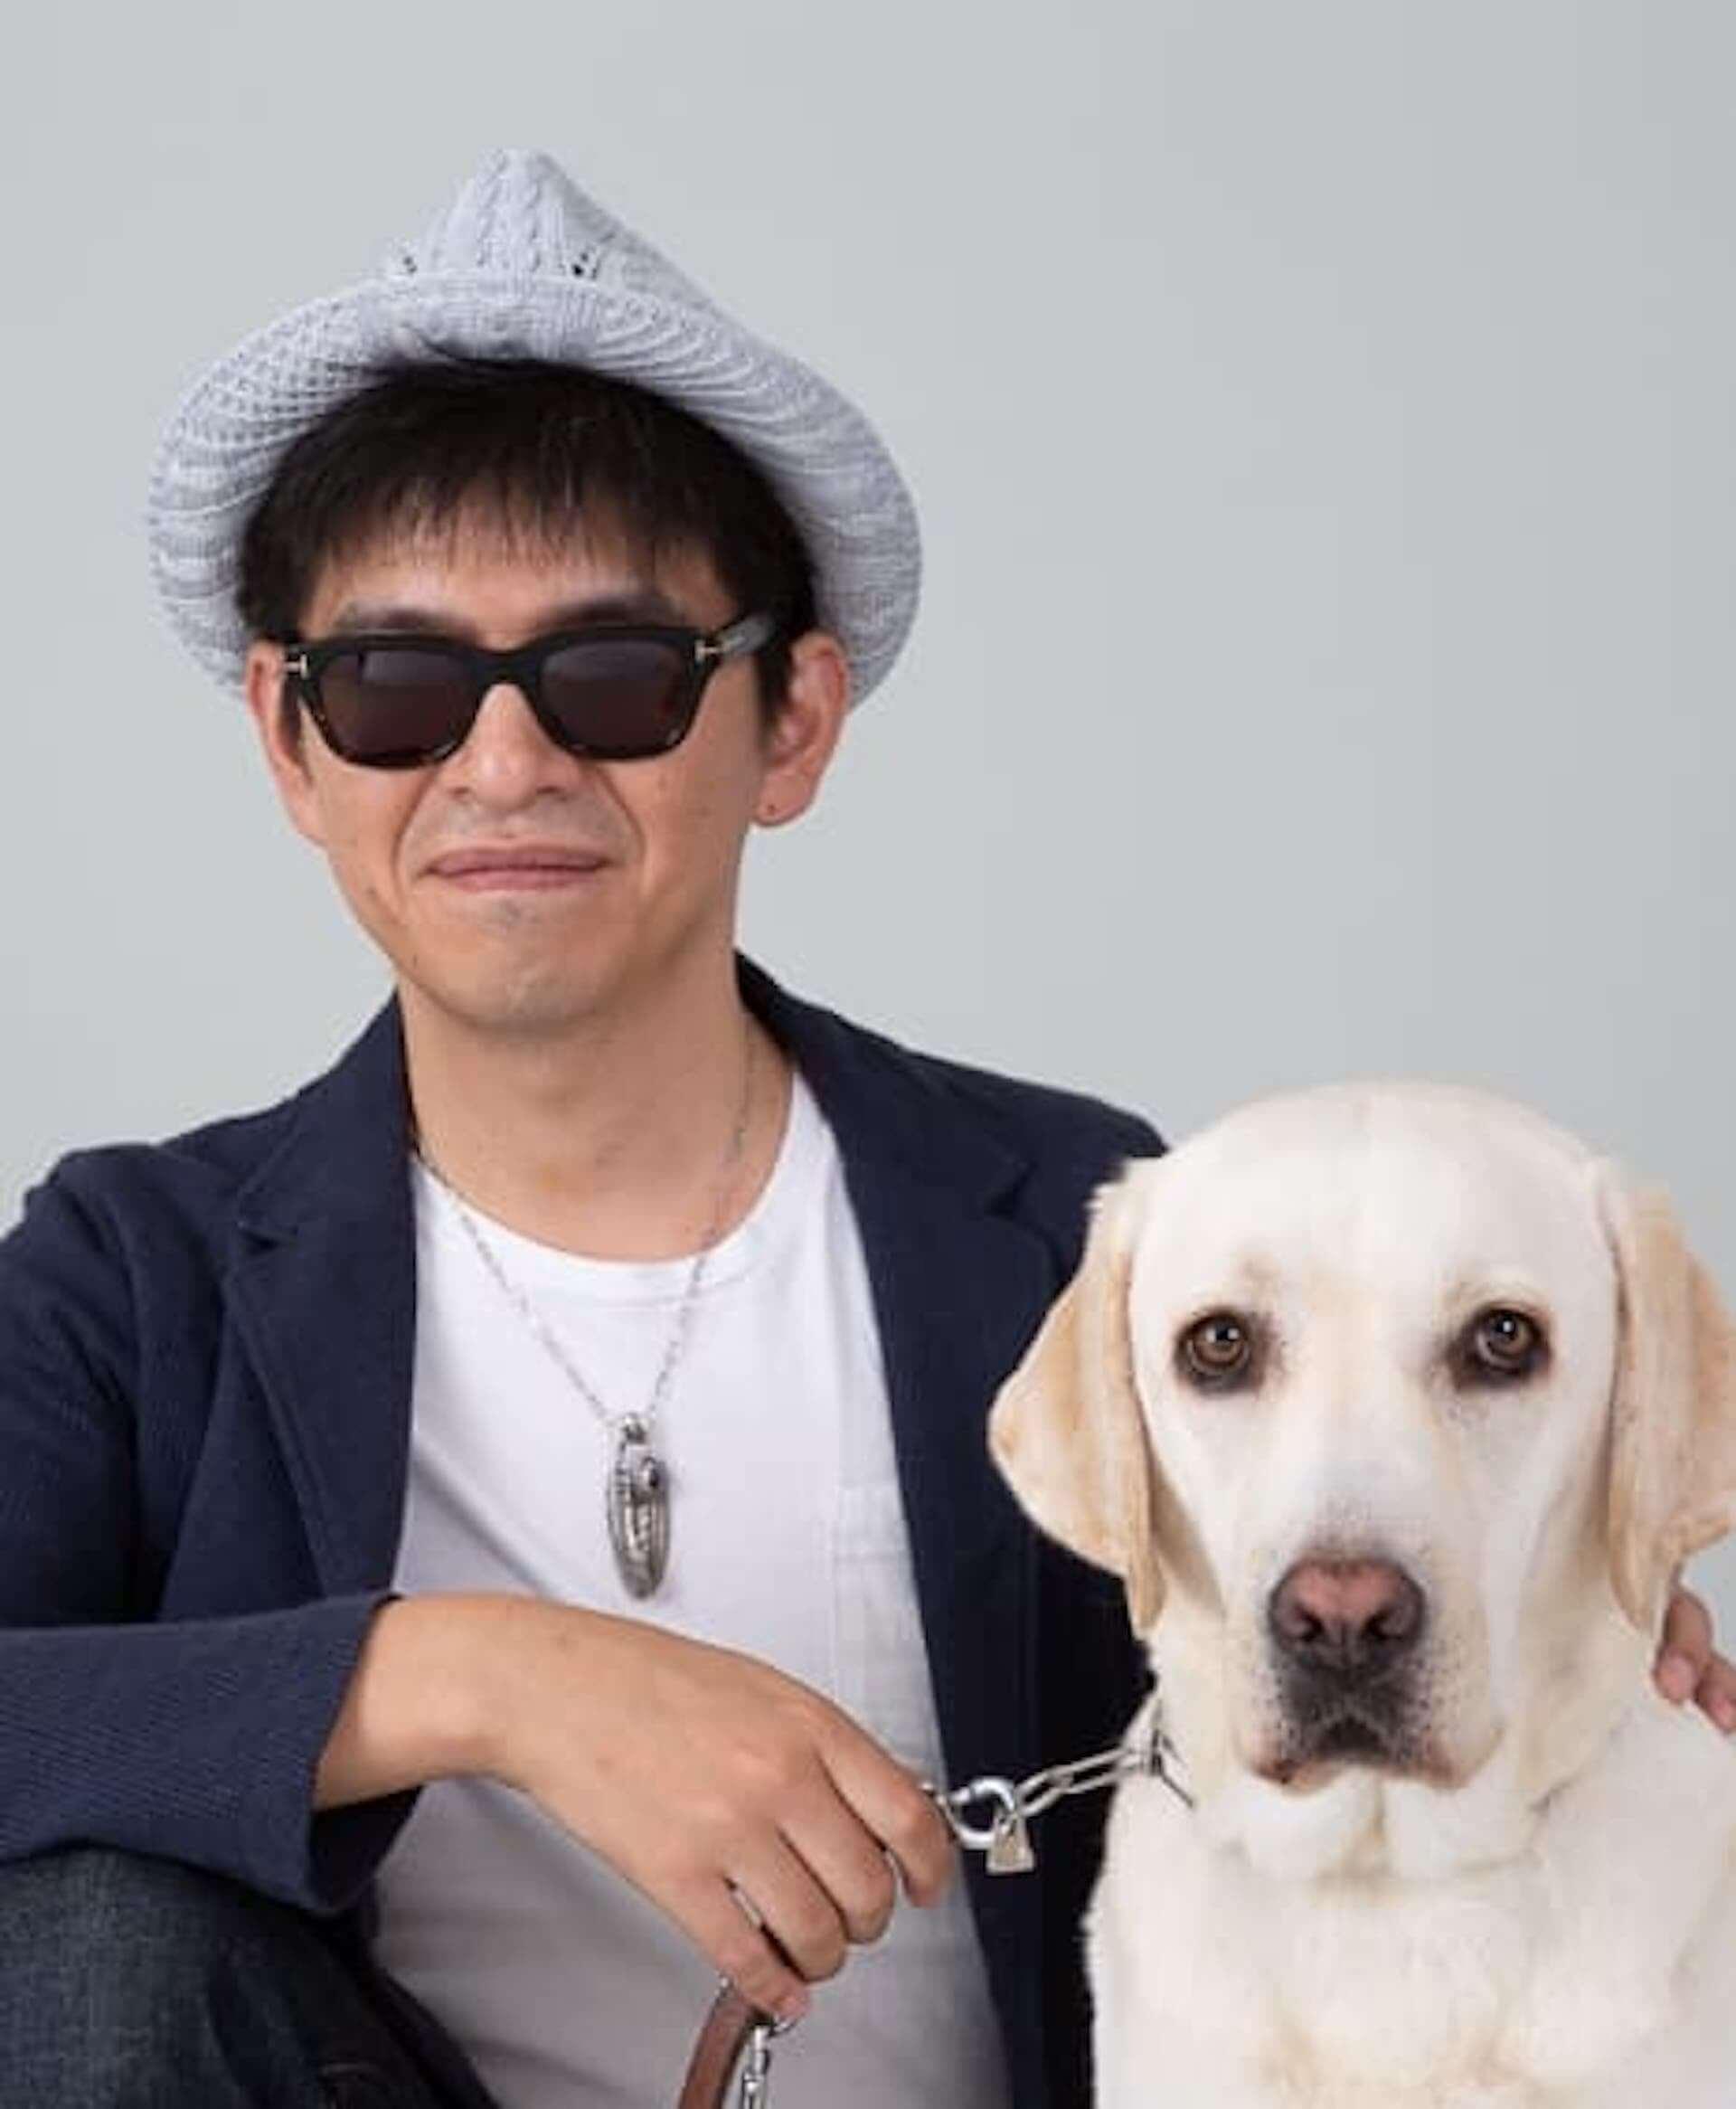 障がいを持つミュージシャンによるオンラインコンサート<See The Light>が開催決定!わたなべちひろ、Shusui、cannaらが登場 music201113_alfaromeo_8-1920x2332